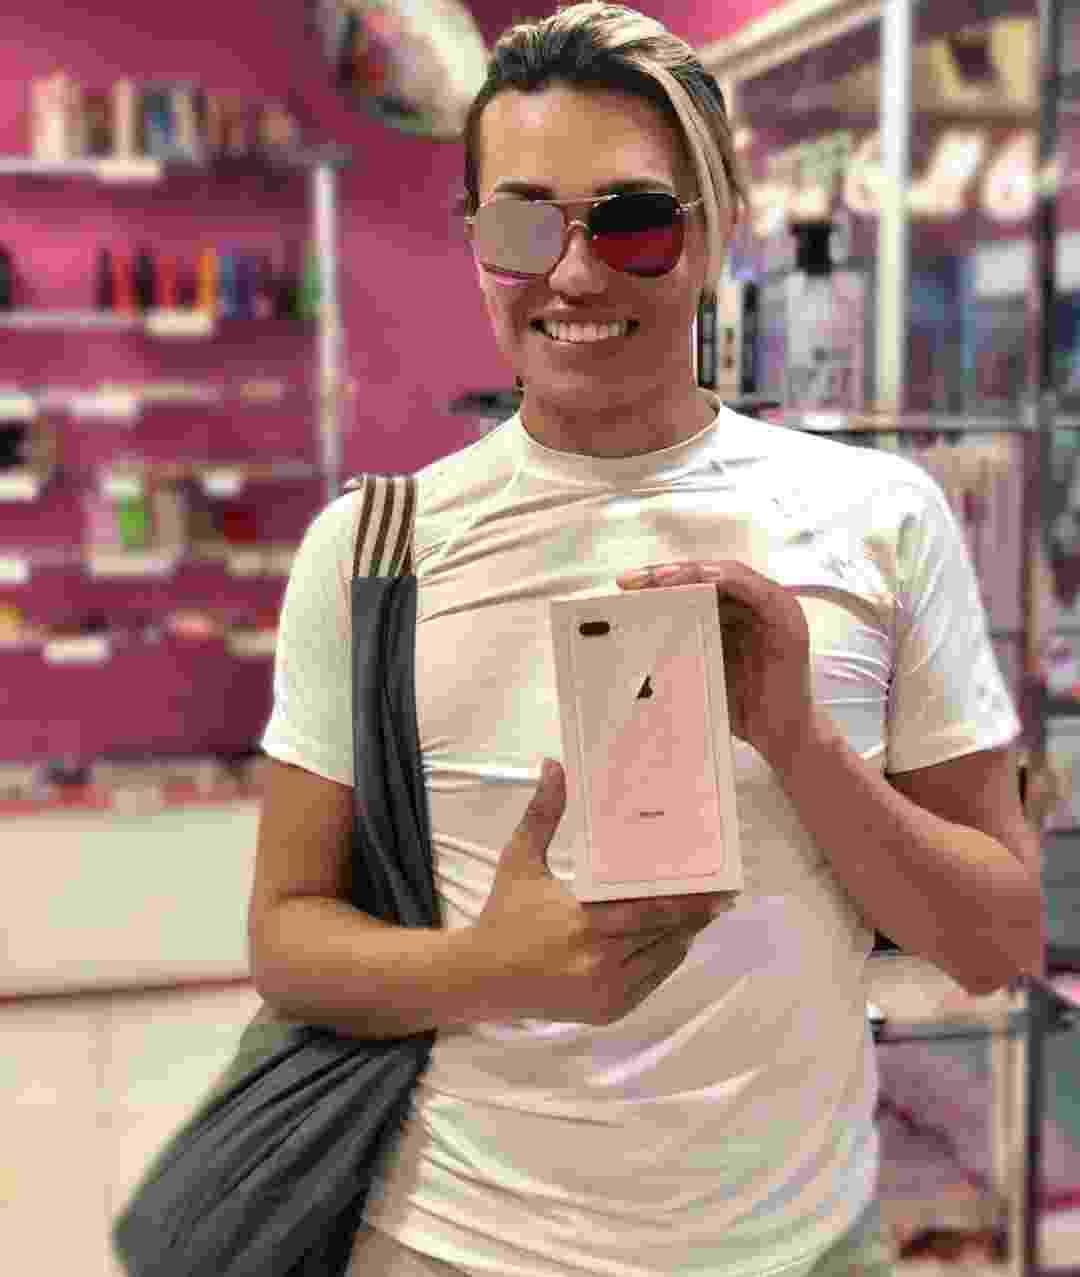 Cabeleireira de Safadão deixa anonimato, vira youtuber e faz merchan - Reprodução/Instagram/odetews